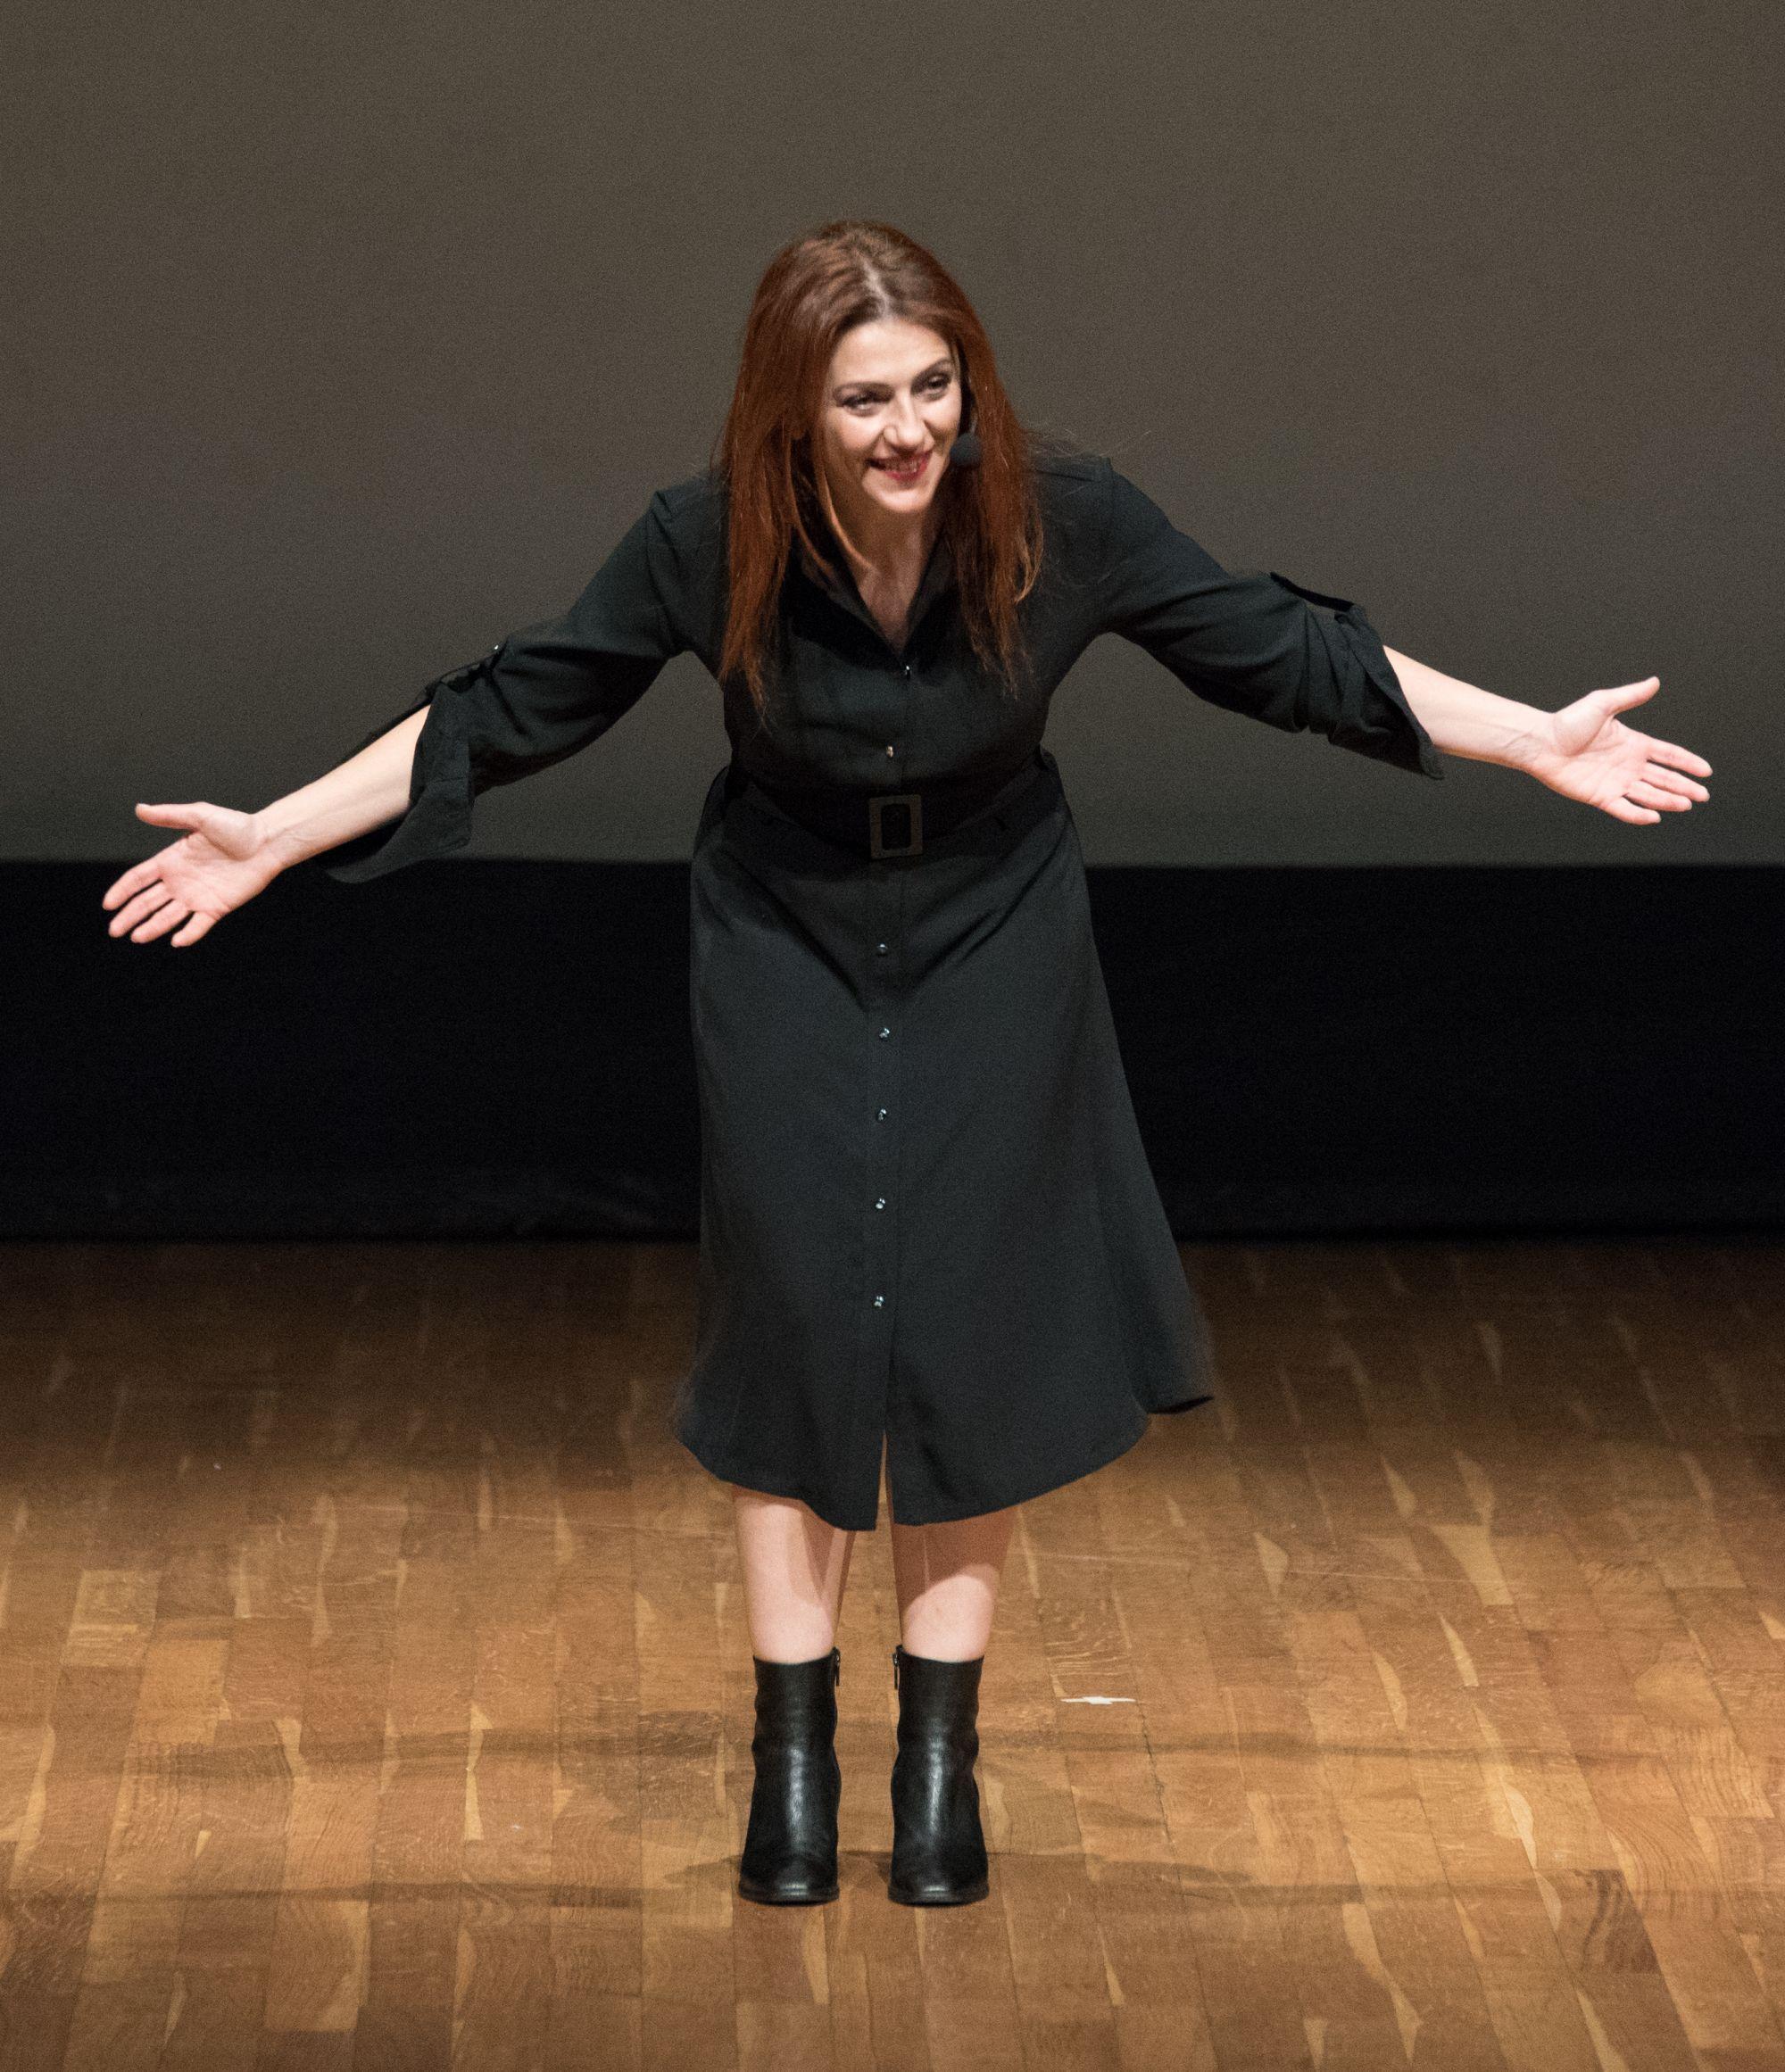 """Continua il mio racconto delle donne della scienza, eccomi nelle nuove foto del mio monologo """"DUE DONNE AI RAGGI X – MARIE CURIE E HEDY LAMARR, VE LE RACCONTO IO"""" al teatro Super di Valdagno…"""